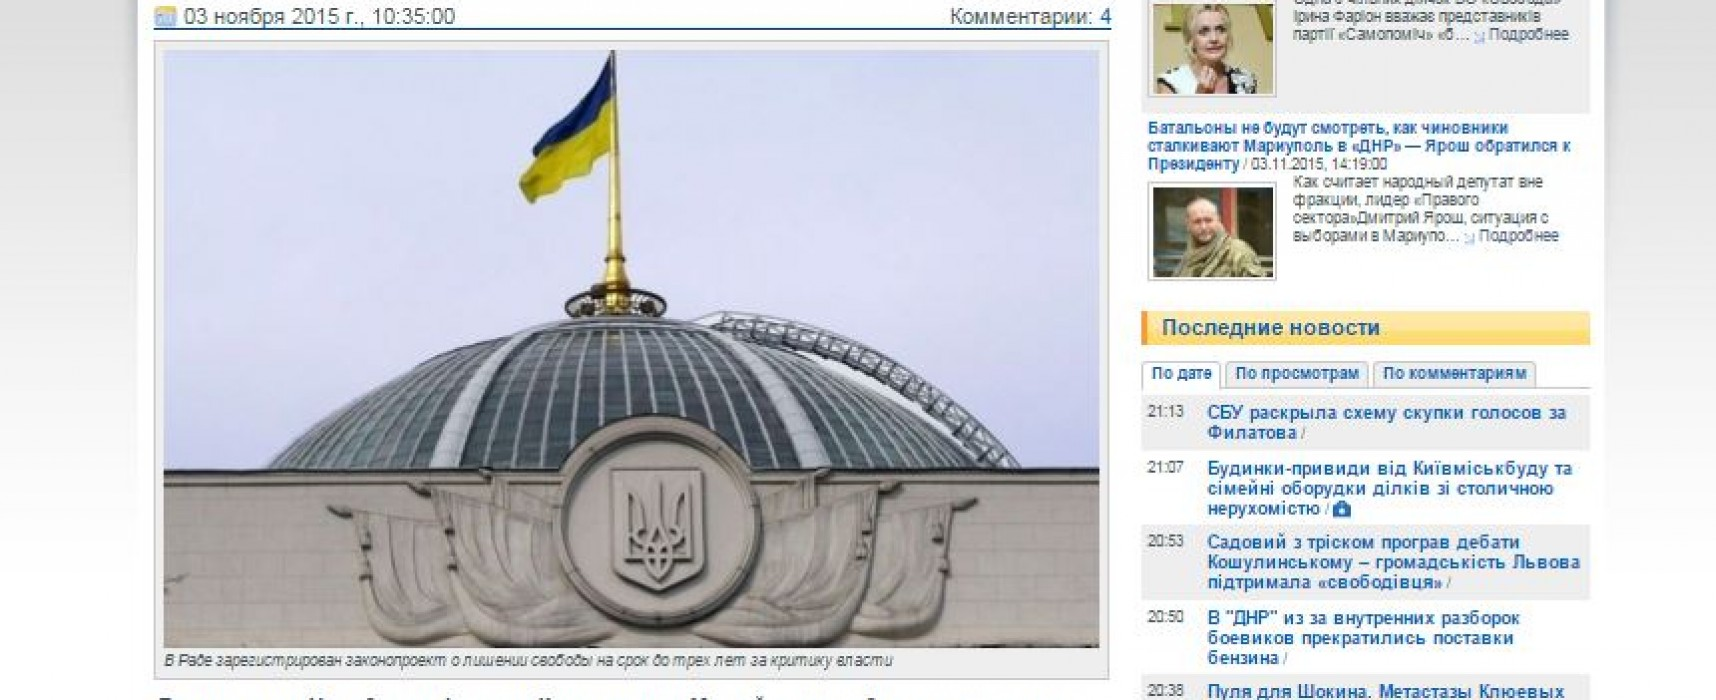 Fake : Une loi sur la critique du gouvernement est en discussion au parlement en Ukraine